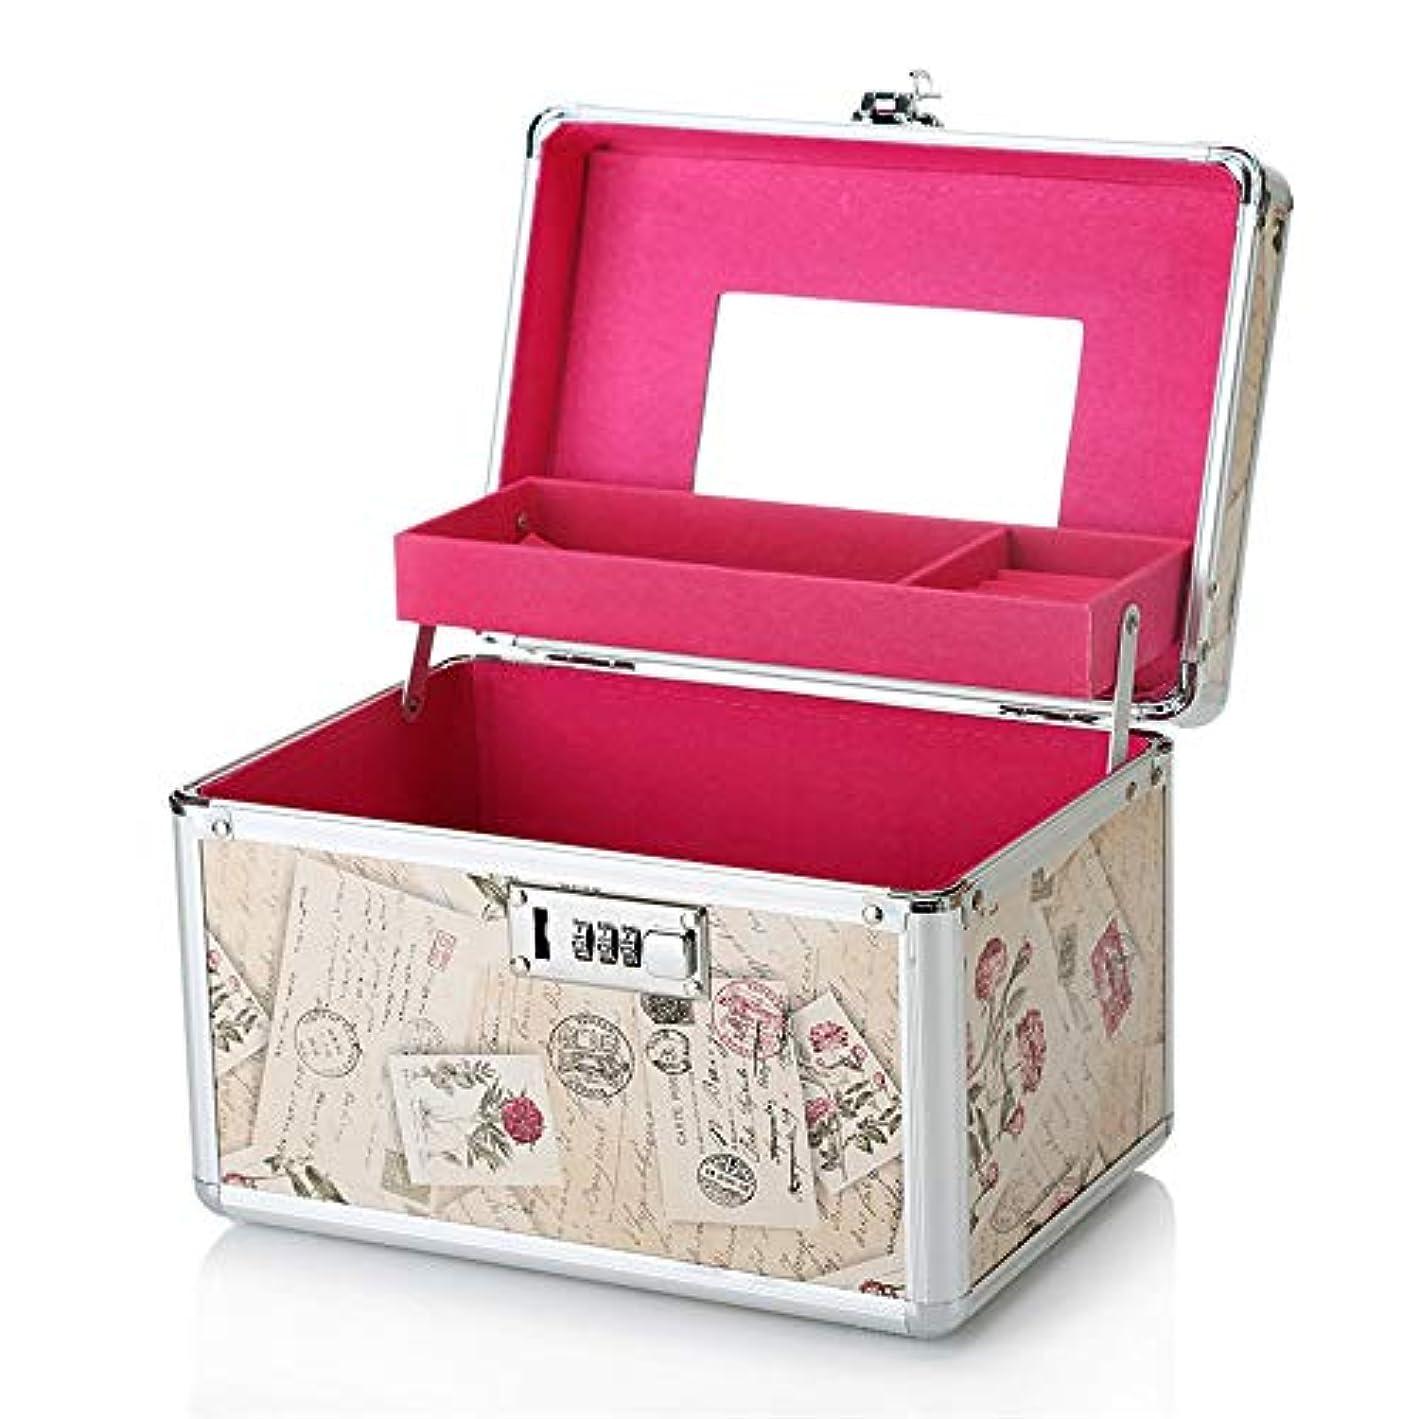 マートぶら下がる前件特大スペース収納ビューティーボックス 美の構造のためそしてジッパーおよび折る皿が付いている女の子の女性旅行そして毎日の貯蔵のための高容量の携帯用化粧品袋 化粧品化粧台